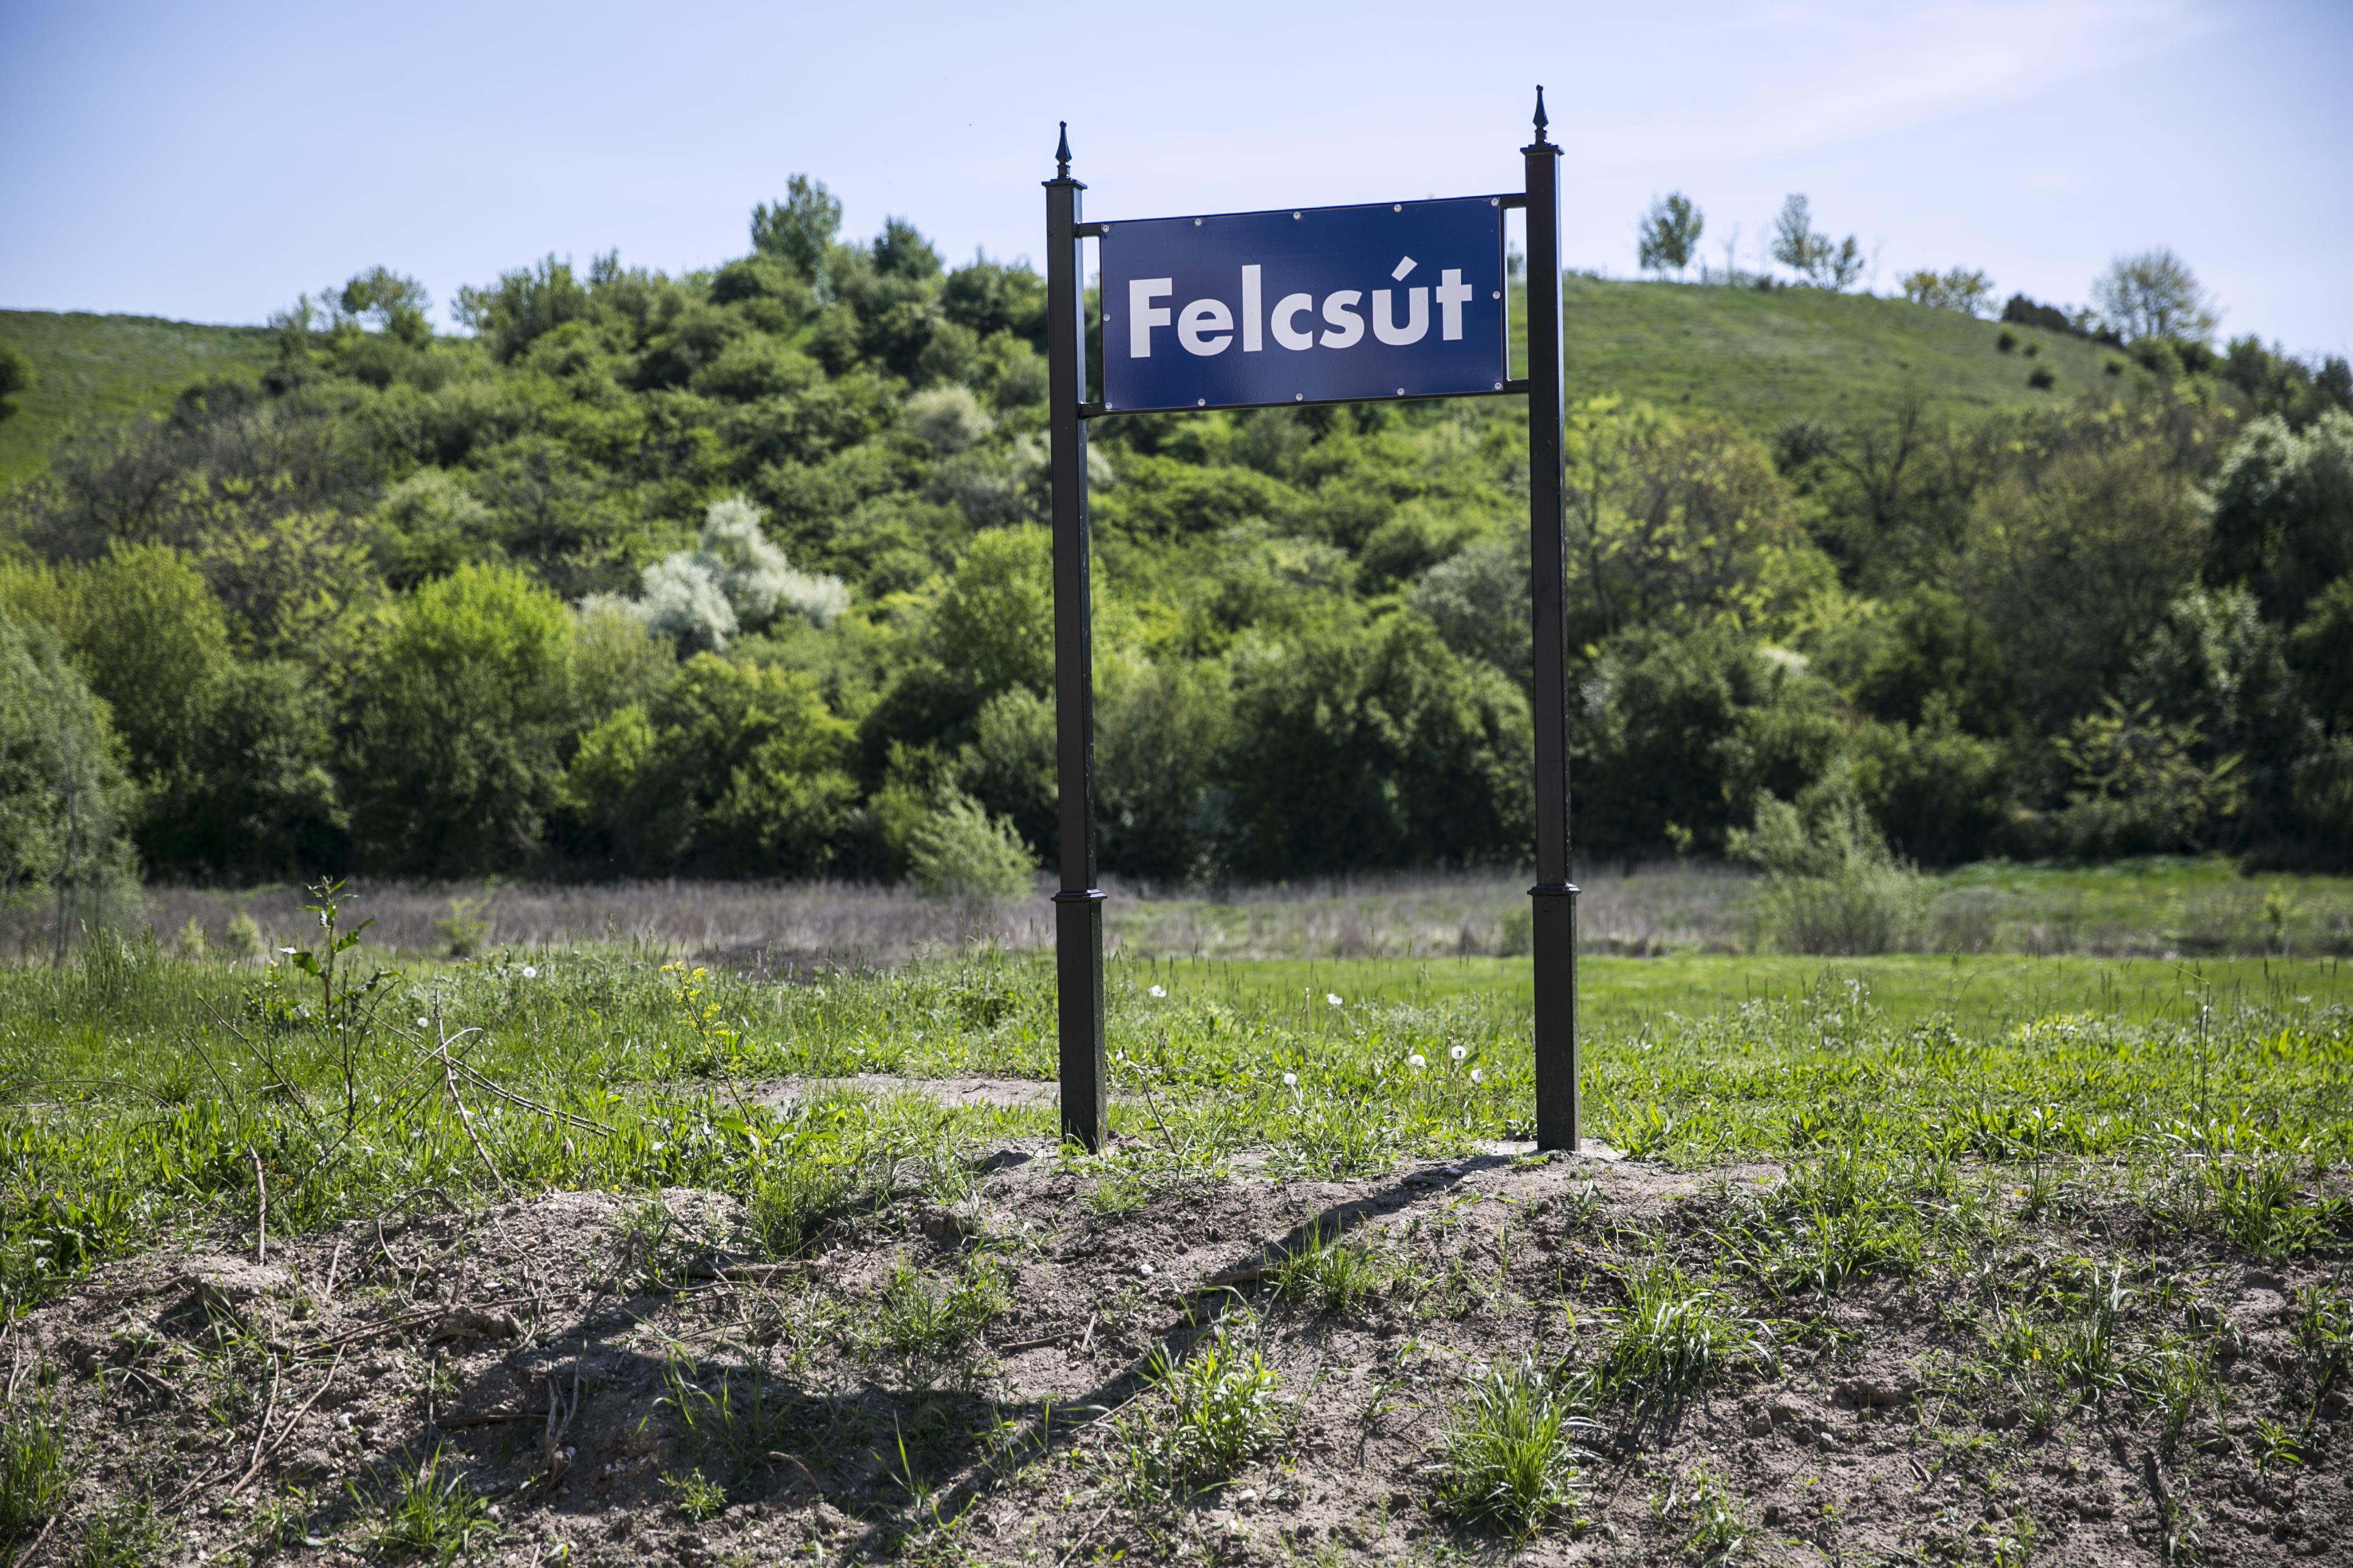 Új iskolát kap Felcsút, 65 millió forint közpénzből költöztetik át a helyi víztornyot